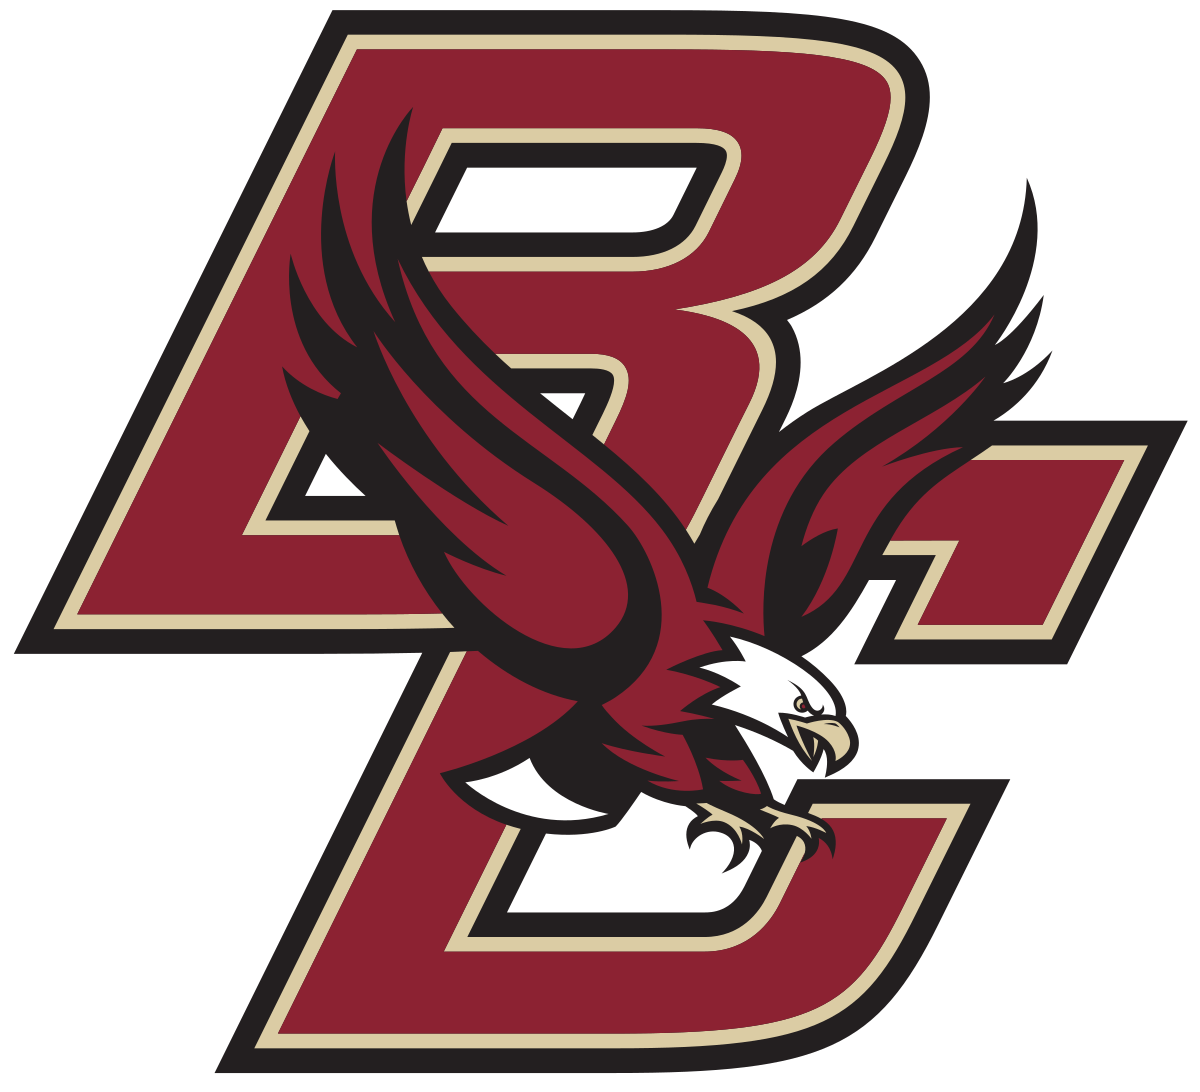 Boston College Eagles.